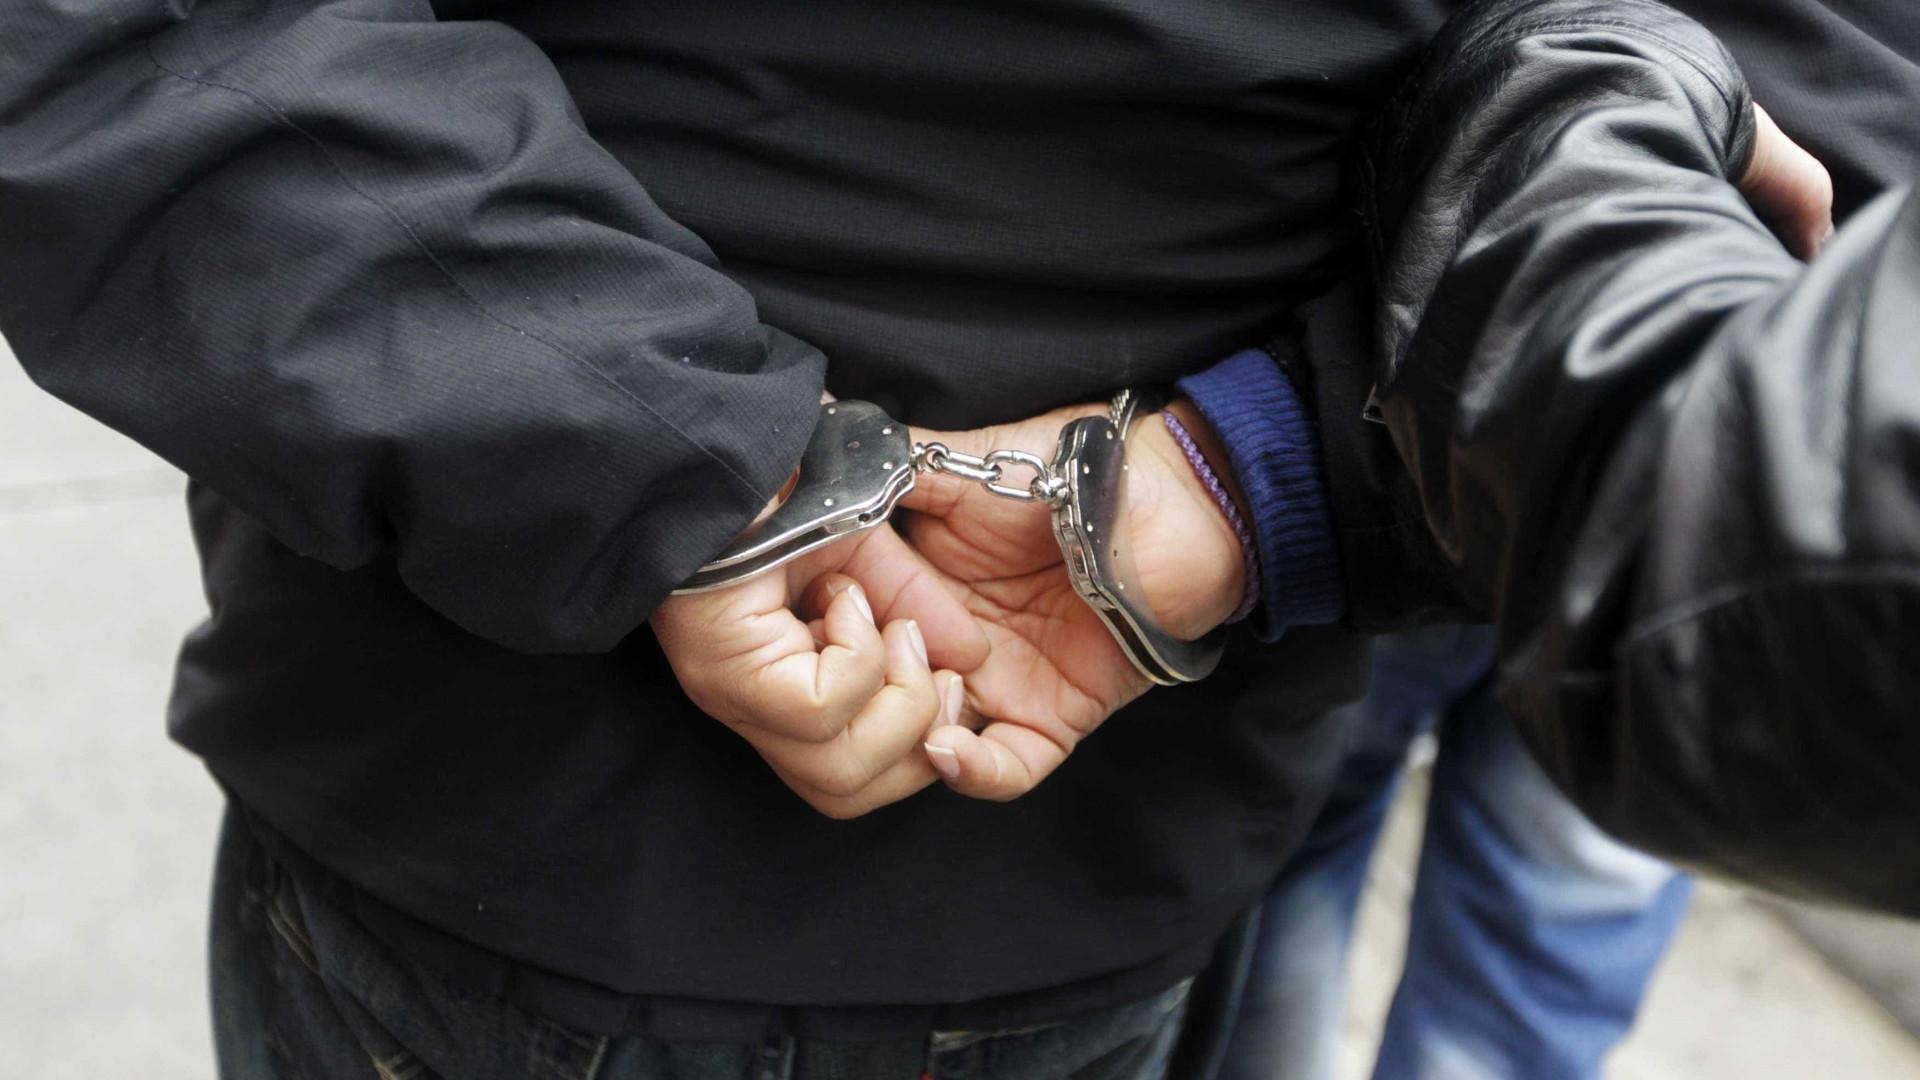 Juízes pedem regras mais duras em prisão para chefes de facções